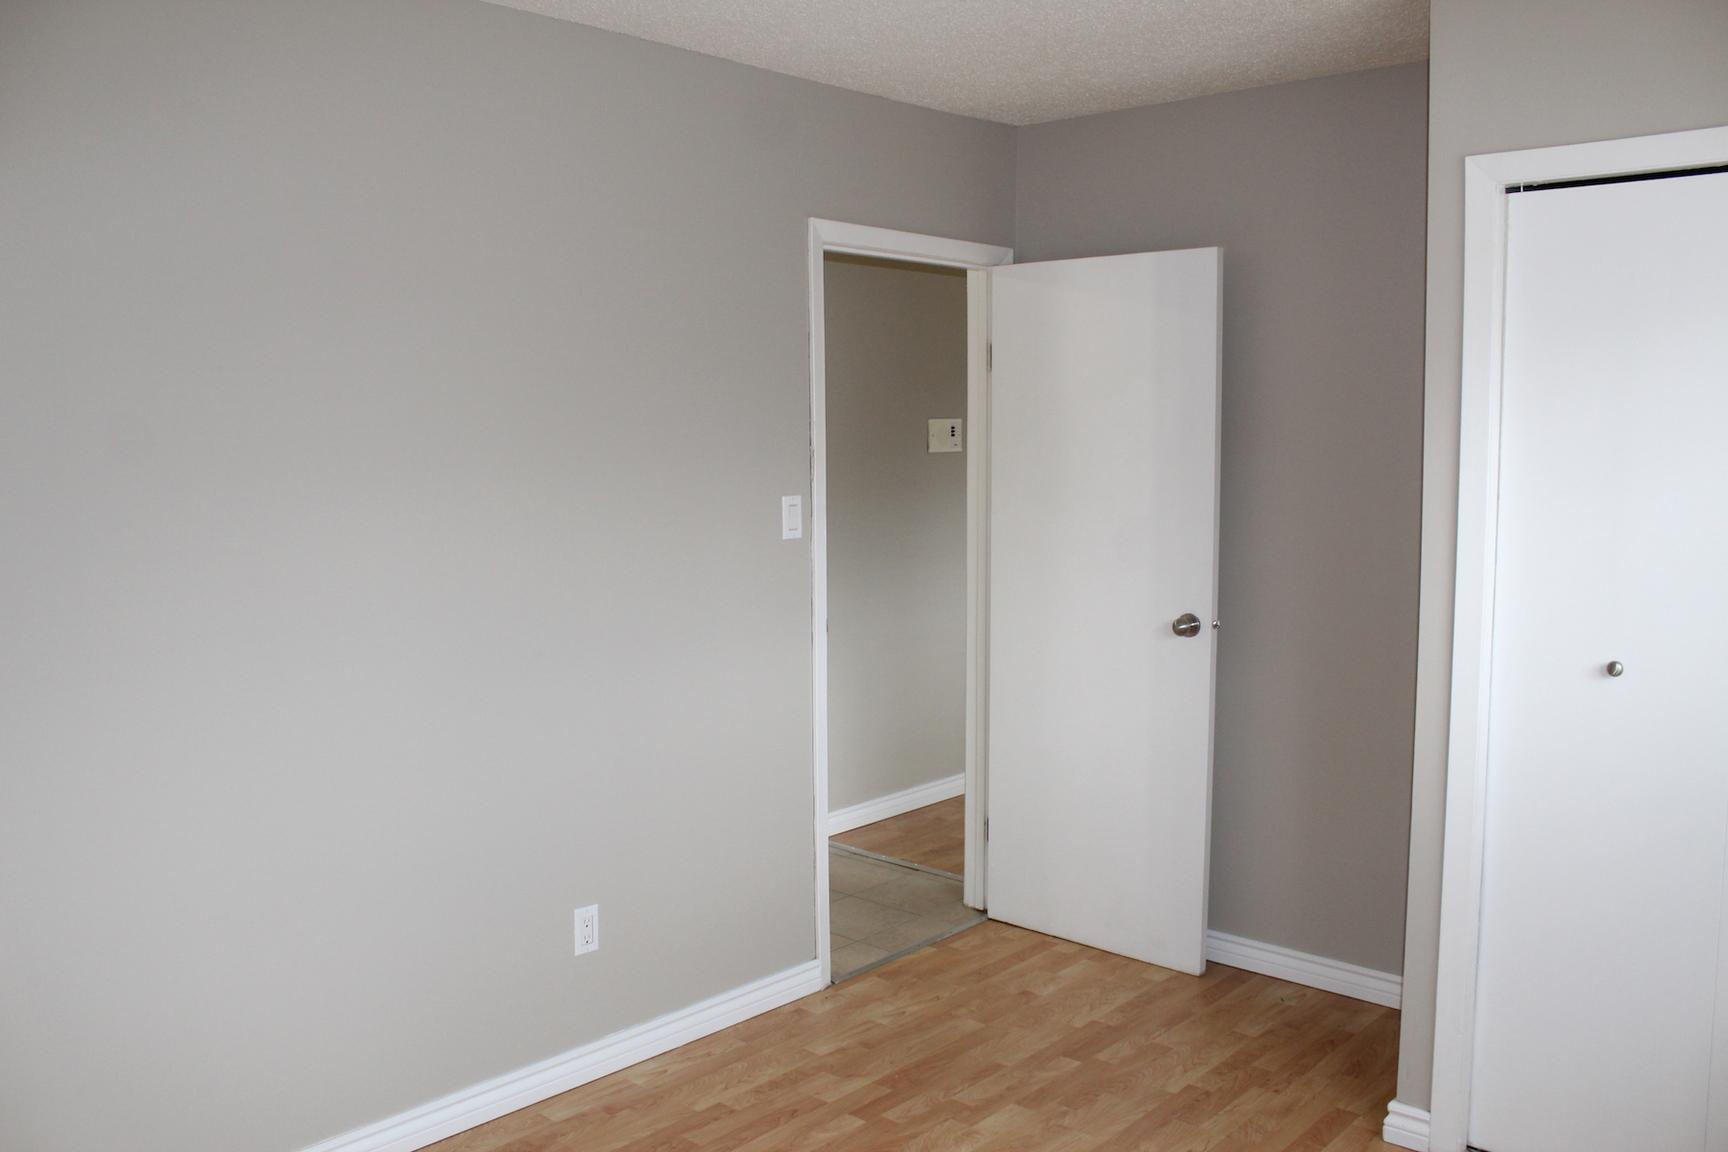 135 Avenue W South, Saskatoon, SK - 699 CAD/ month